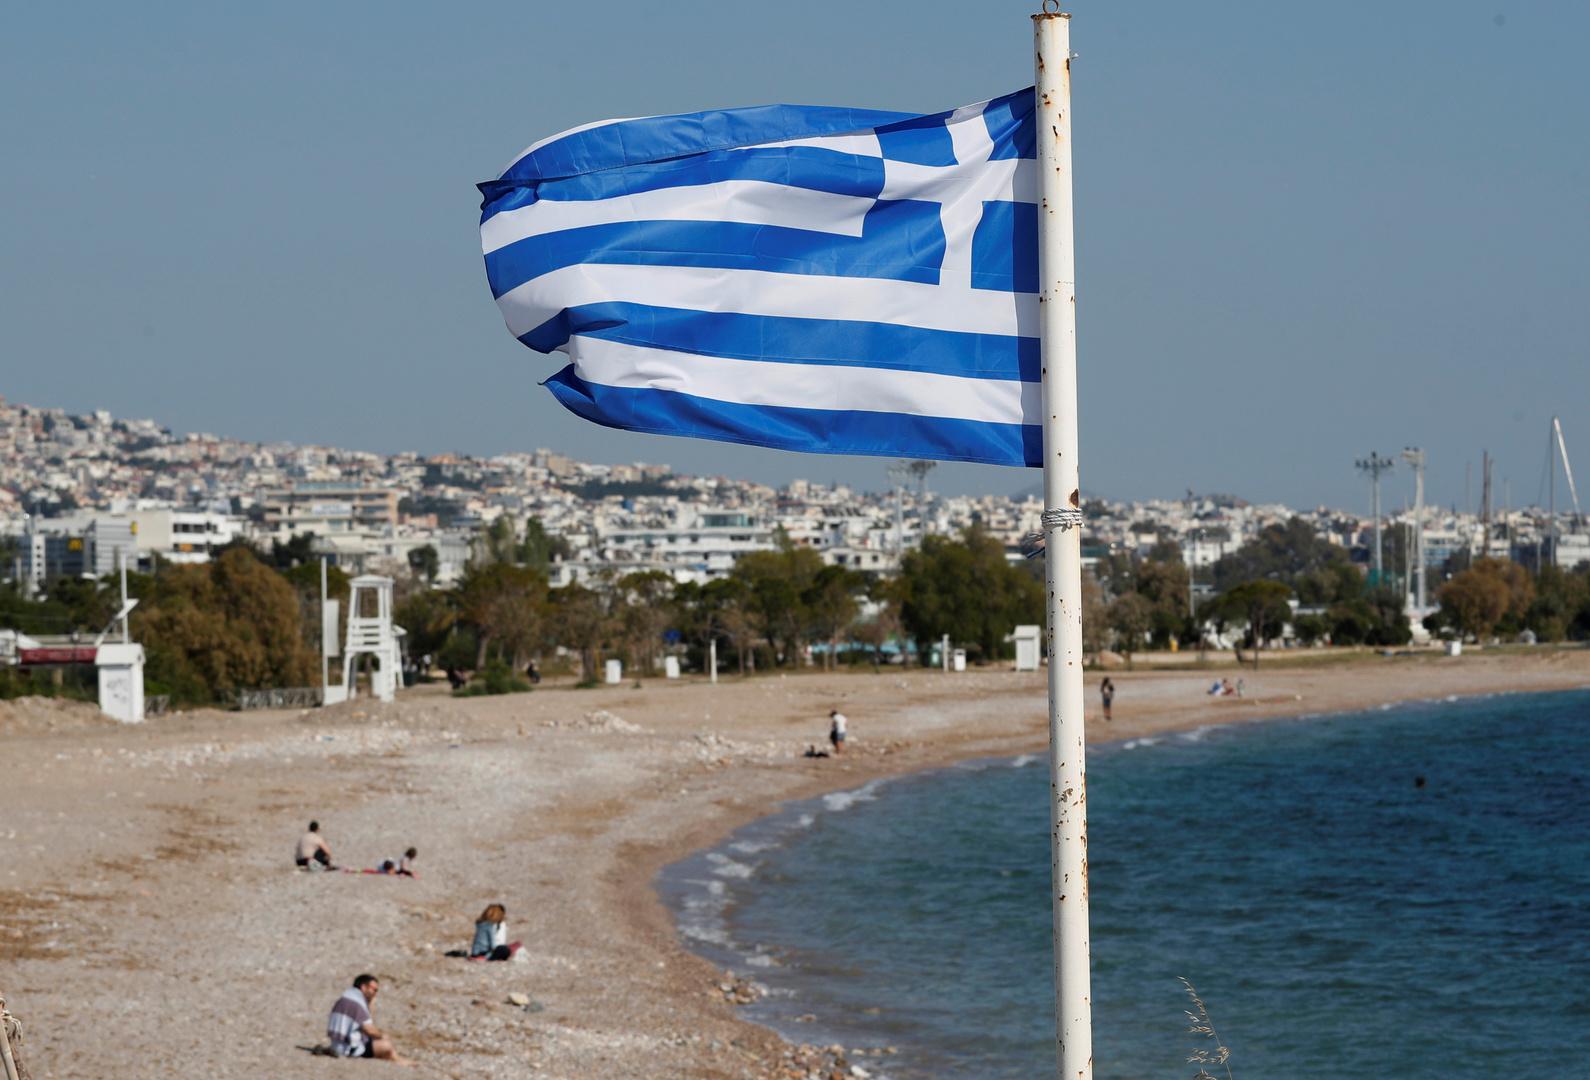 اليونان تعرض على تركيا المساعدة في إخماد حرائق الغابات